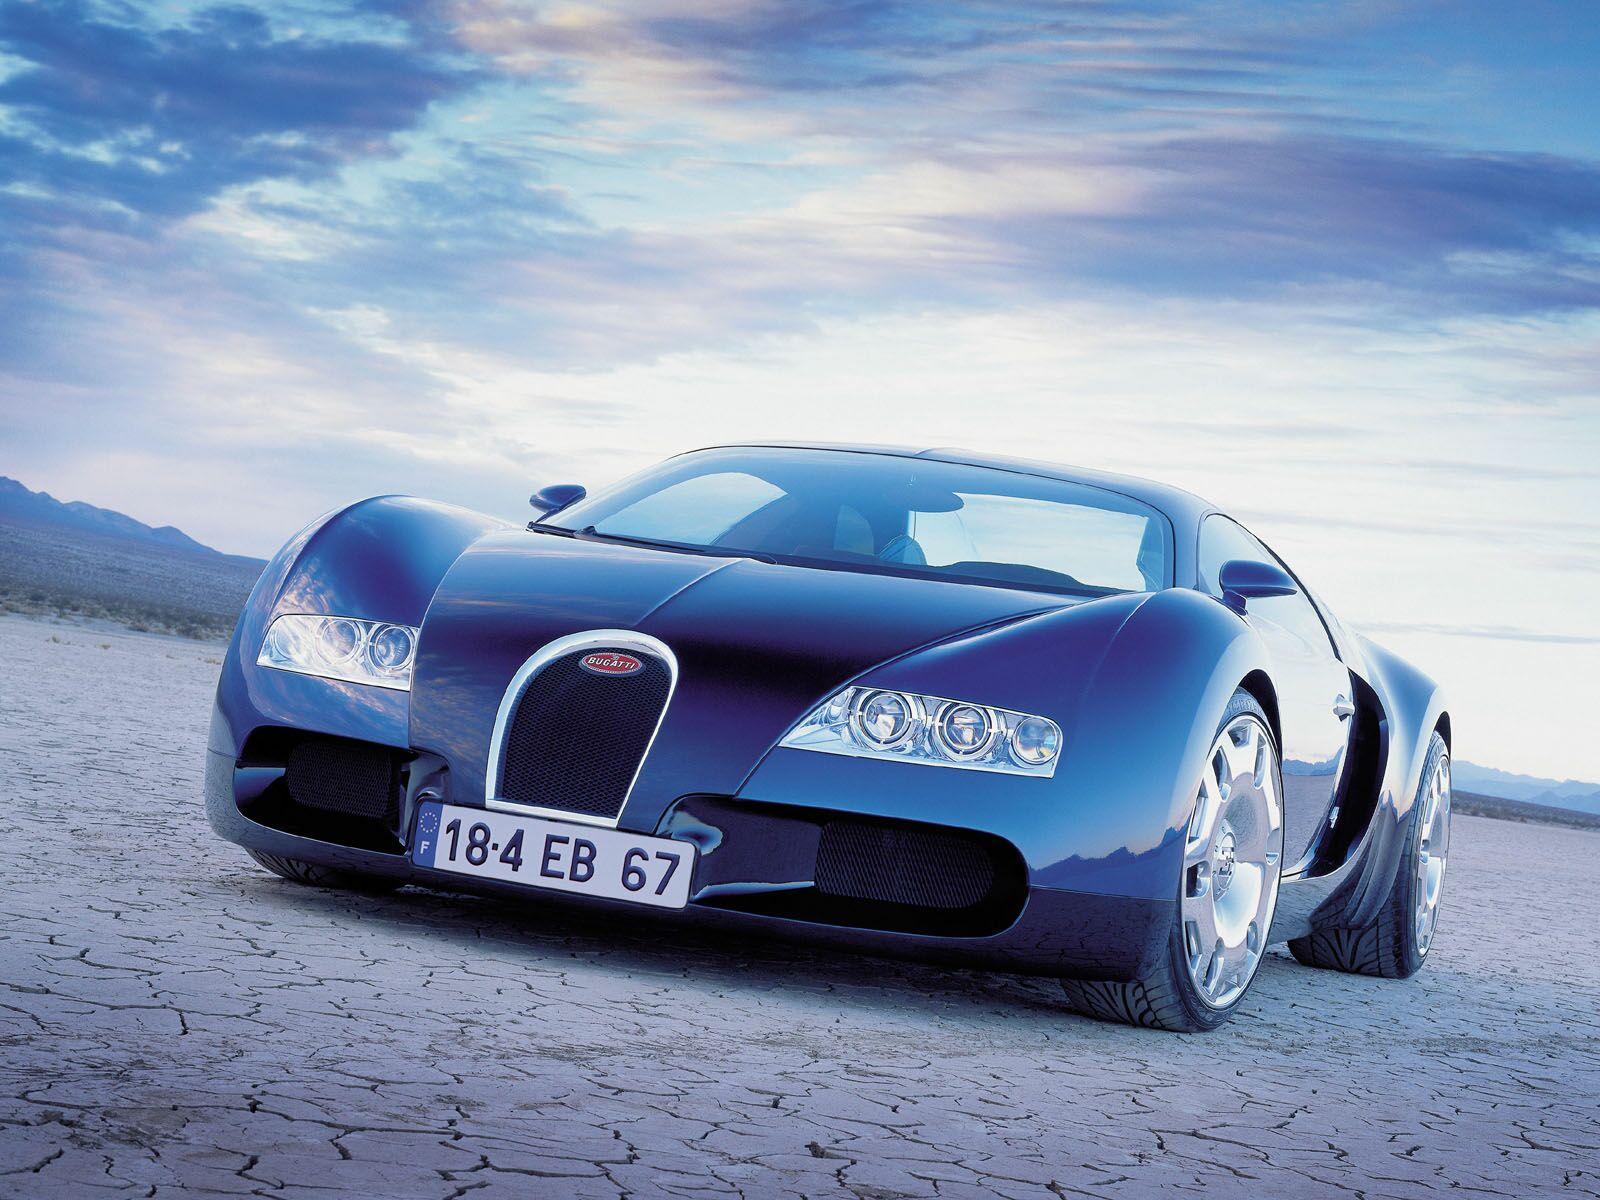 El Bugatti Chiron acelerará de 0 a 100 km/h en 2.0 segundos, ¿estamos preparados? 1